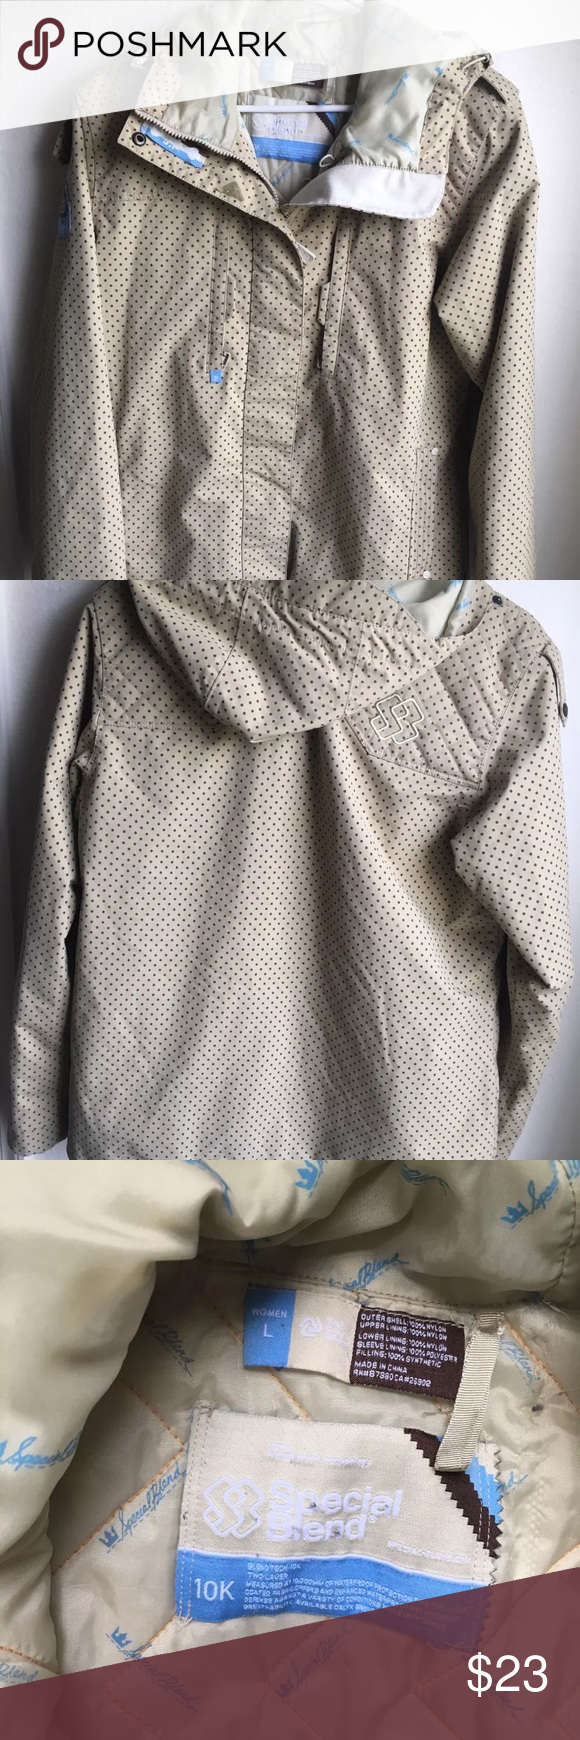 Special Blend 10k Women S Outerwear Jacket Sz L Women Outerwear Jacket Outerwear Women Outerwear [ 1740 x 580 Pixel ]